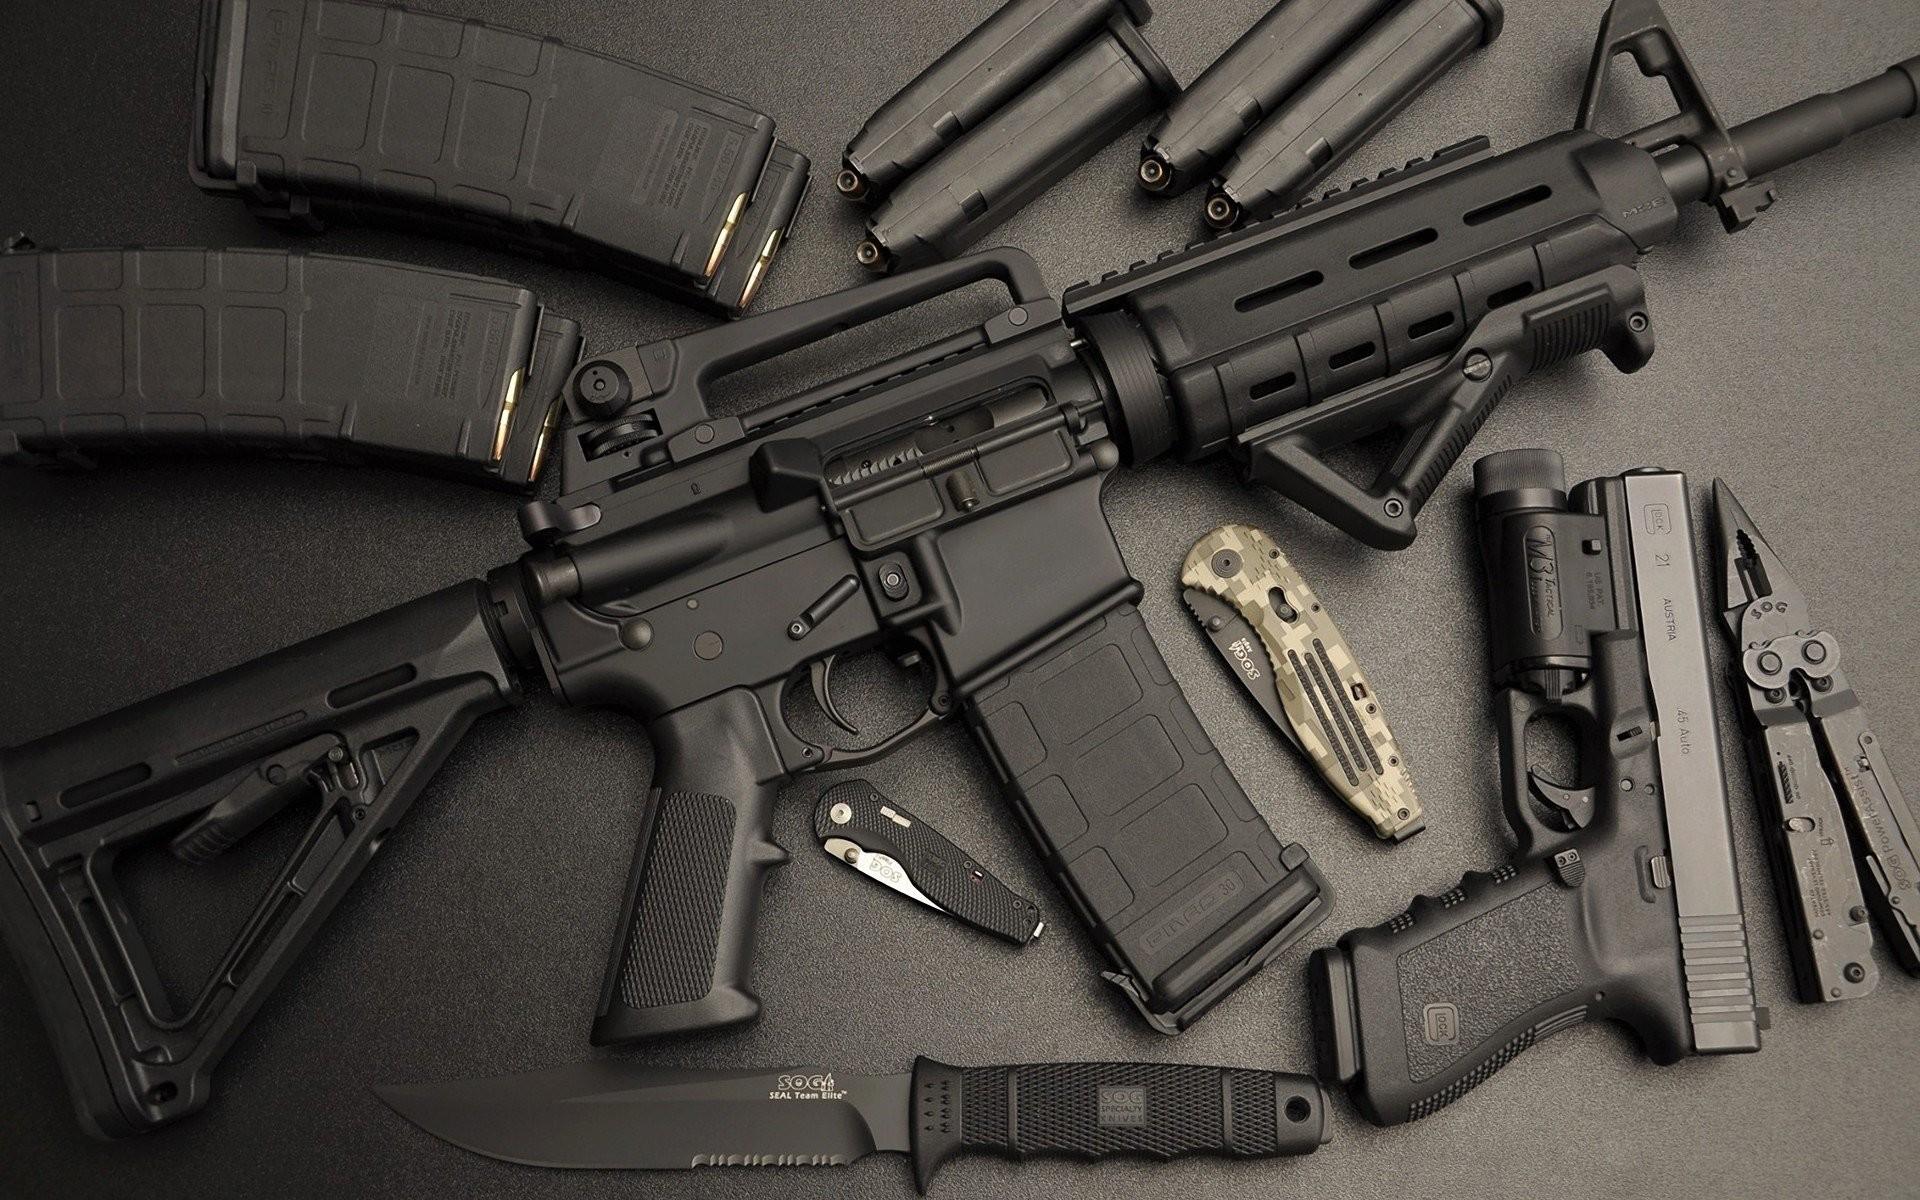 ar-15 machine assault rifle gun knife